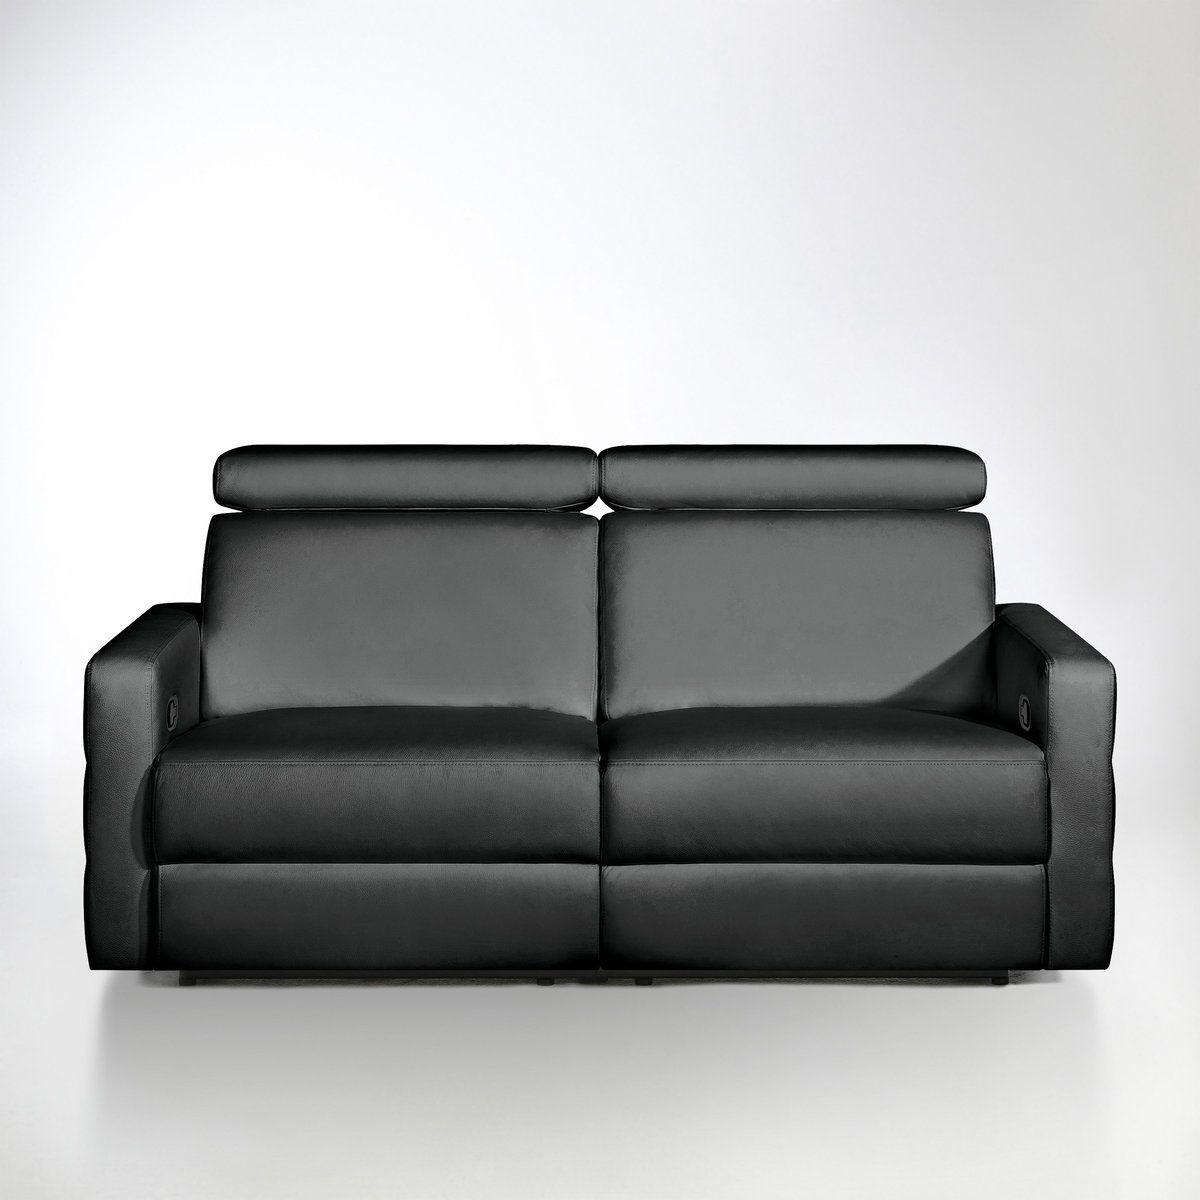 Achat canap s relaxation salle salon meubles discount page 3 - Changer la mousse de son canape ...